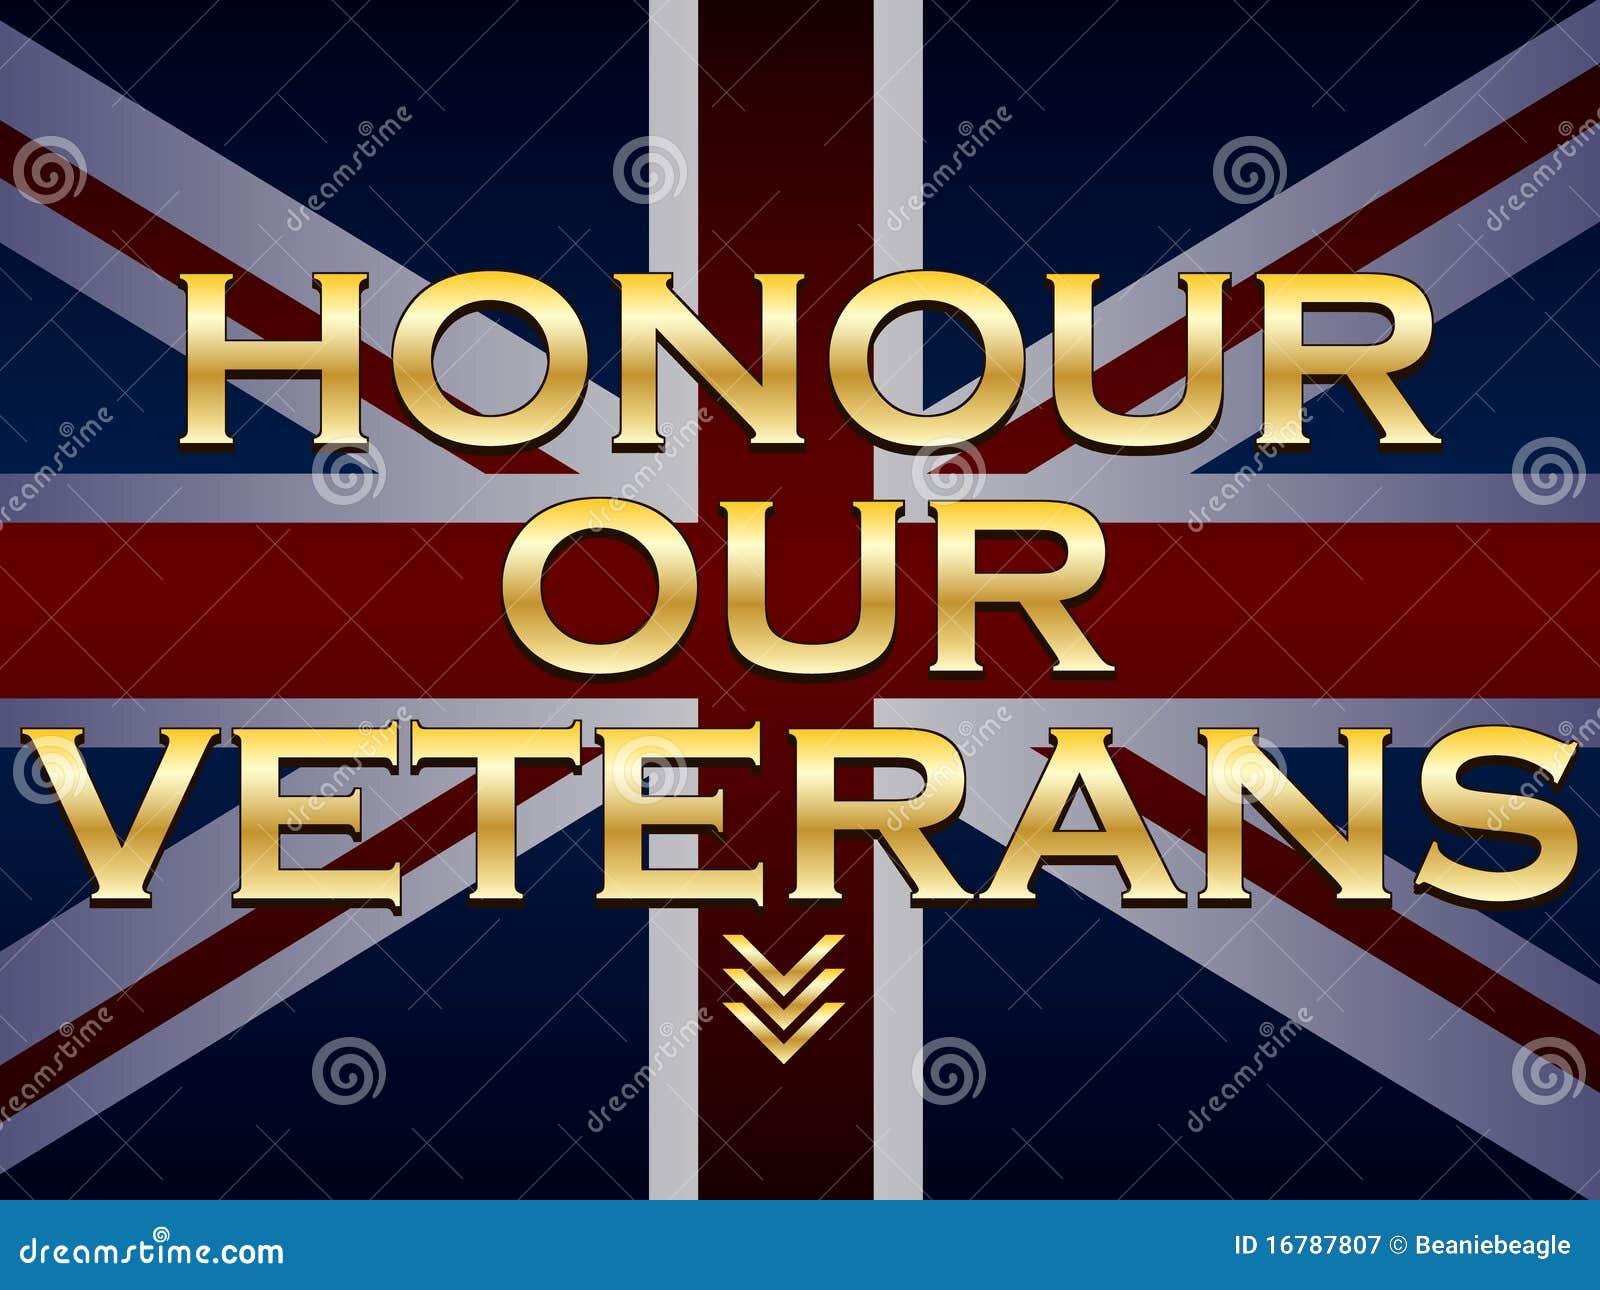 Honour i nostri veterani